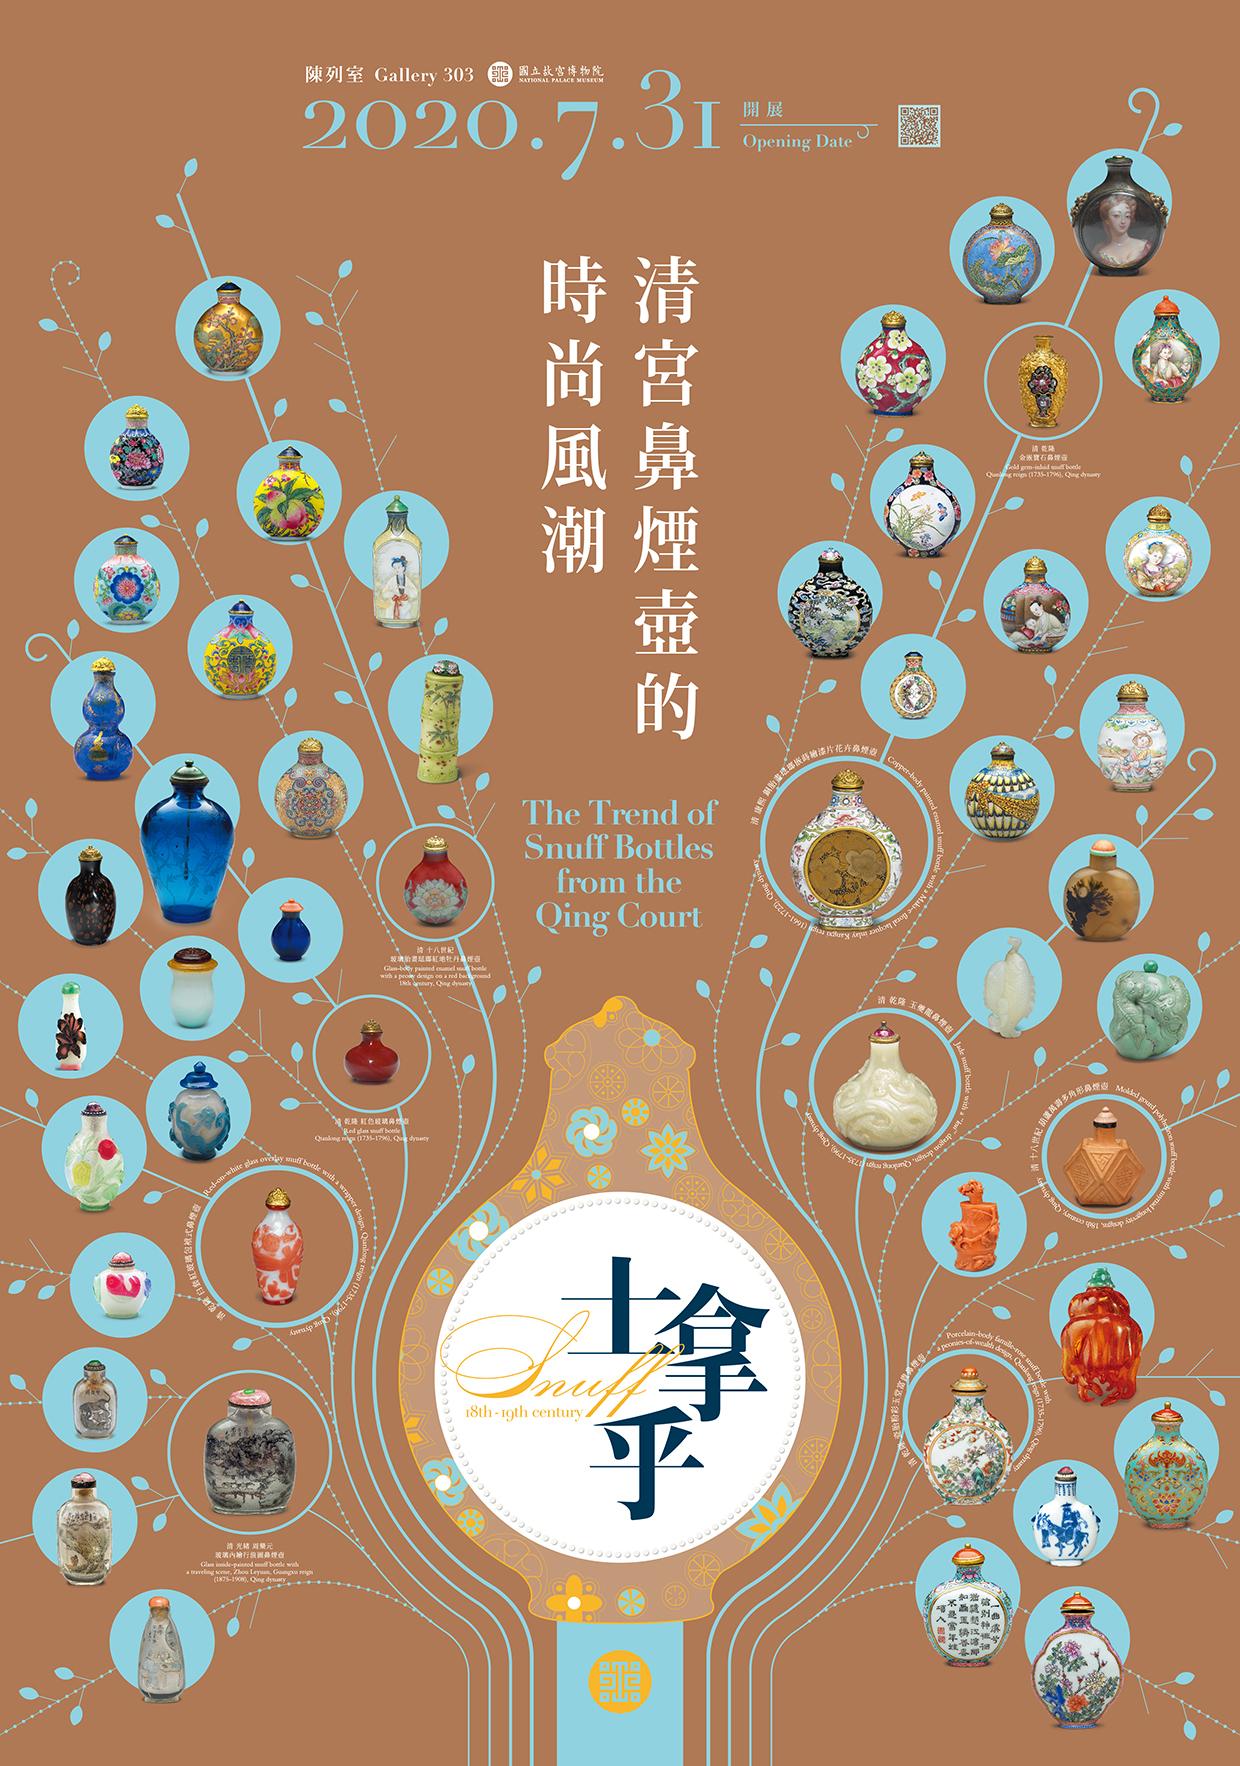 國立故宮博物院:2020/07/31起【士拿乎—清宮鼻煙壺的時尚風潮】